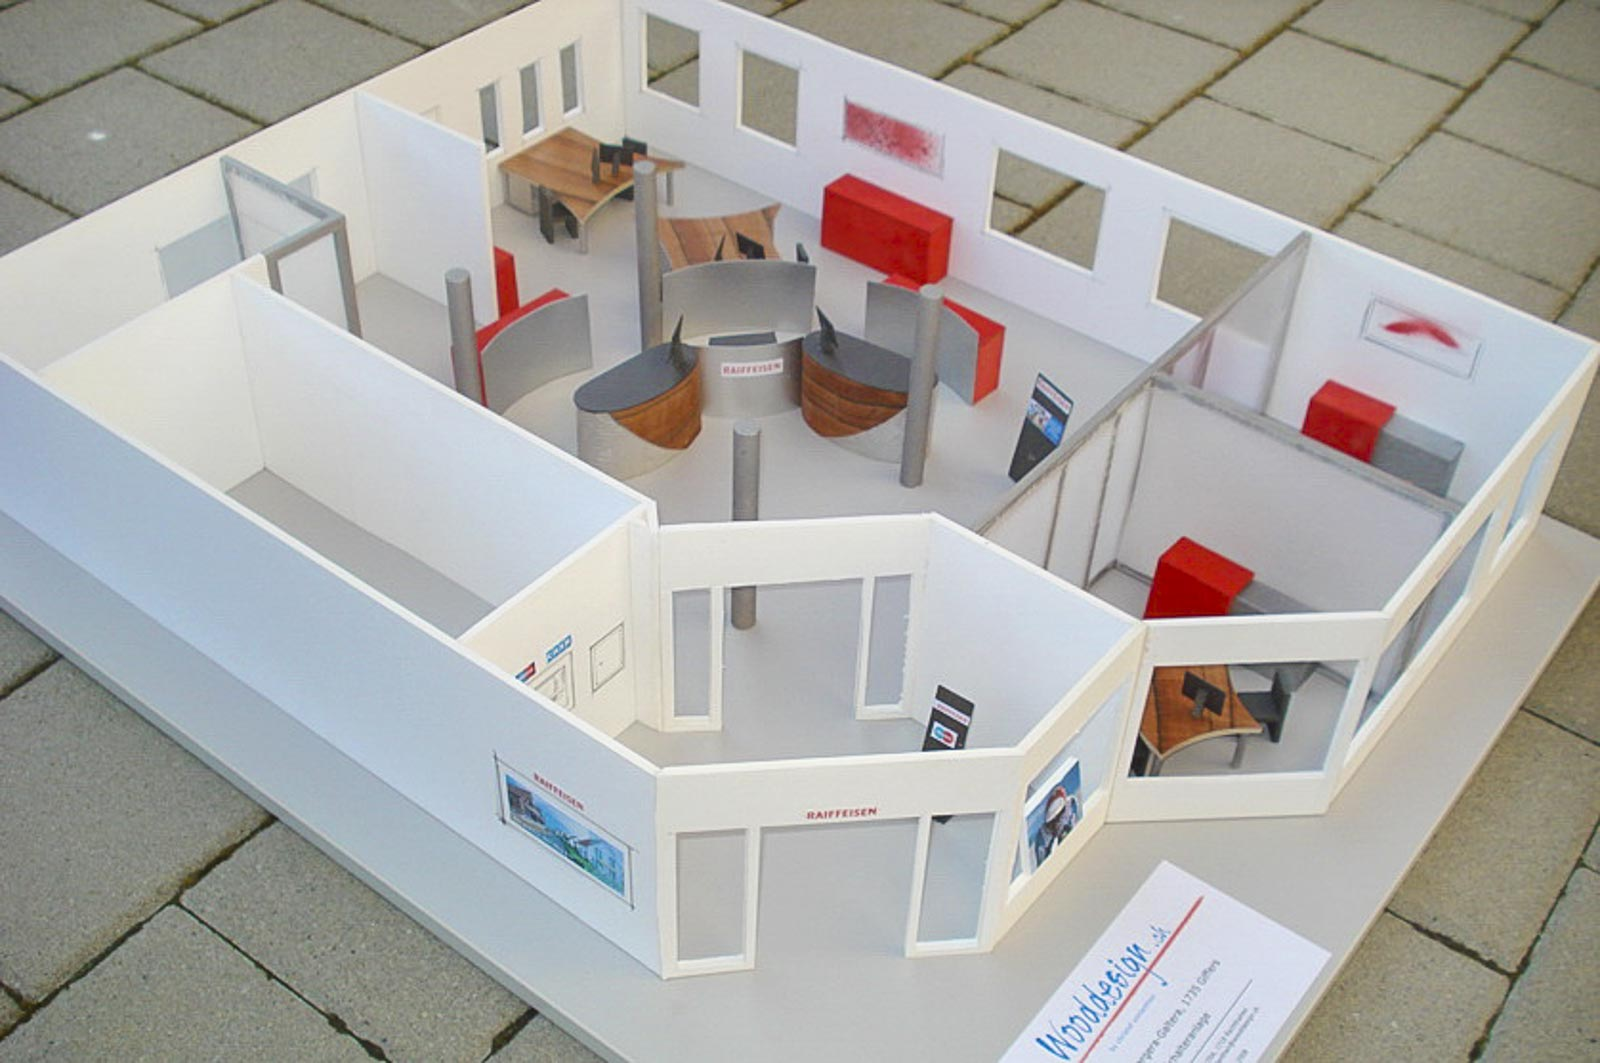 Wooddesign_öffentliche Bauten_Schalteranlage_Raiffeisen Giffers_Beraterbank_Möbel_Empfangskorpus (2)